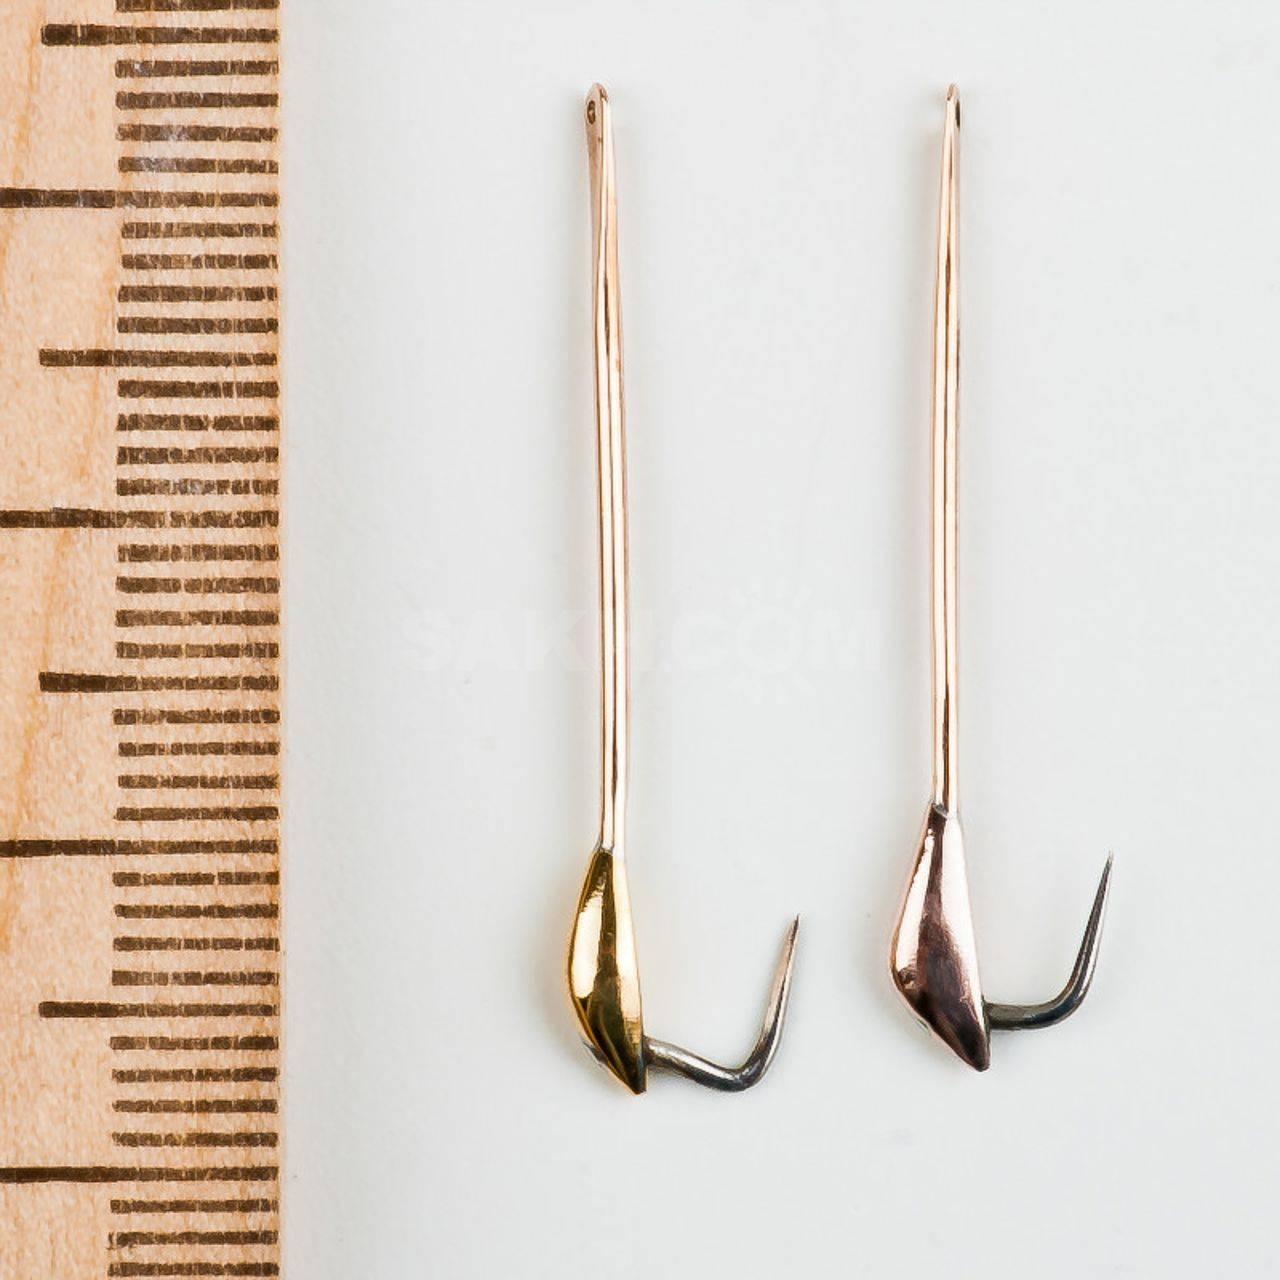 Как сделать блесна своими руками: самодельные и самые уловистые блесна на щуку и окуня «ульянка», «ложка»